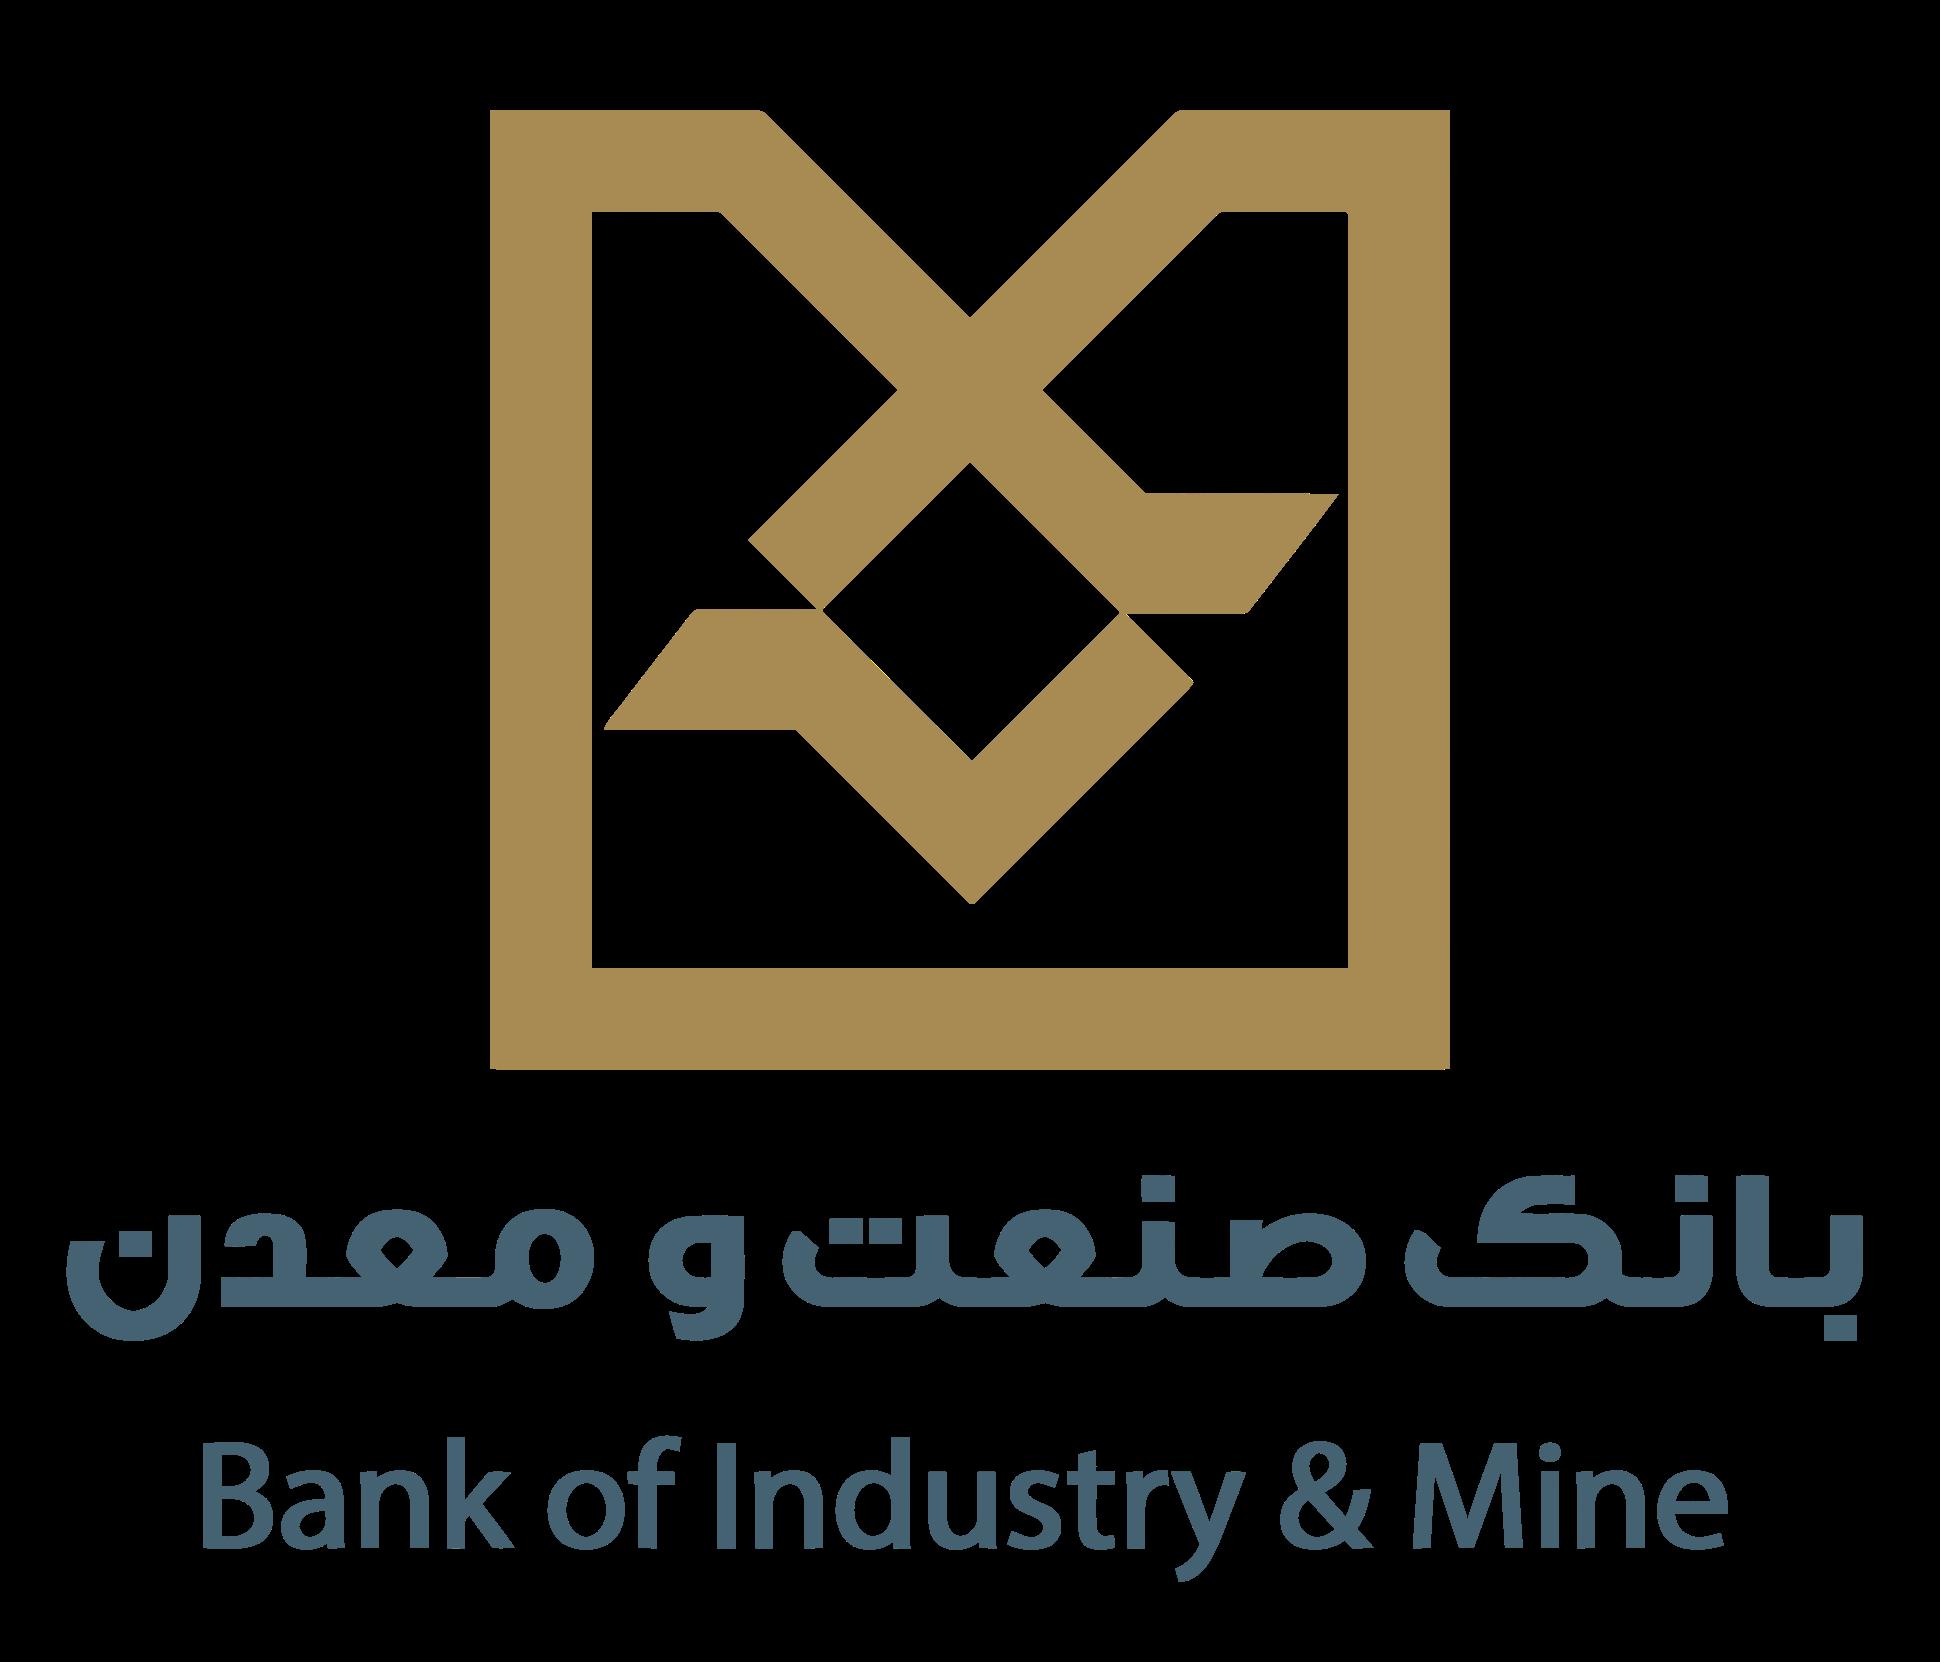 سوالات استخدامی بانک صنعت و معدن ( کاملترین محصول آزمون ۹۸ )